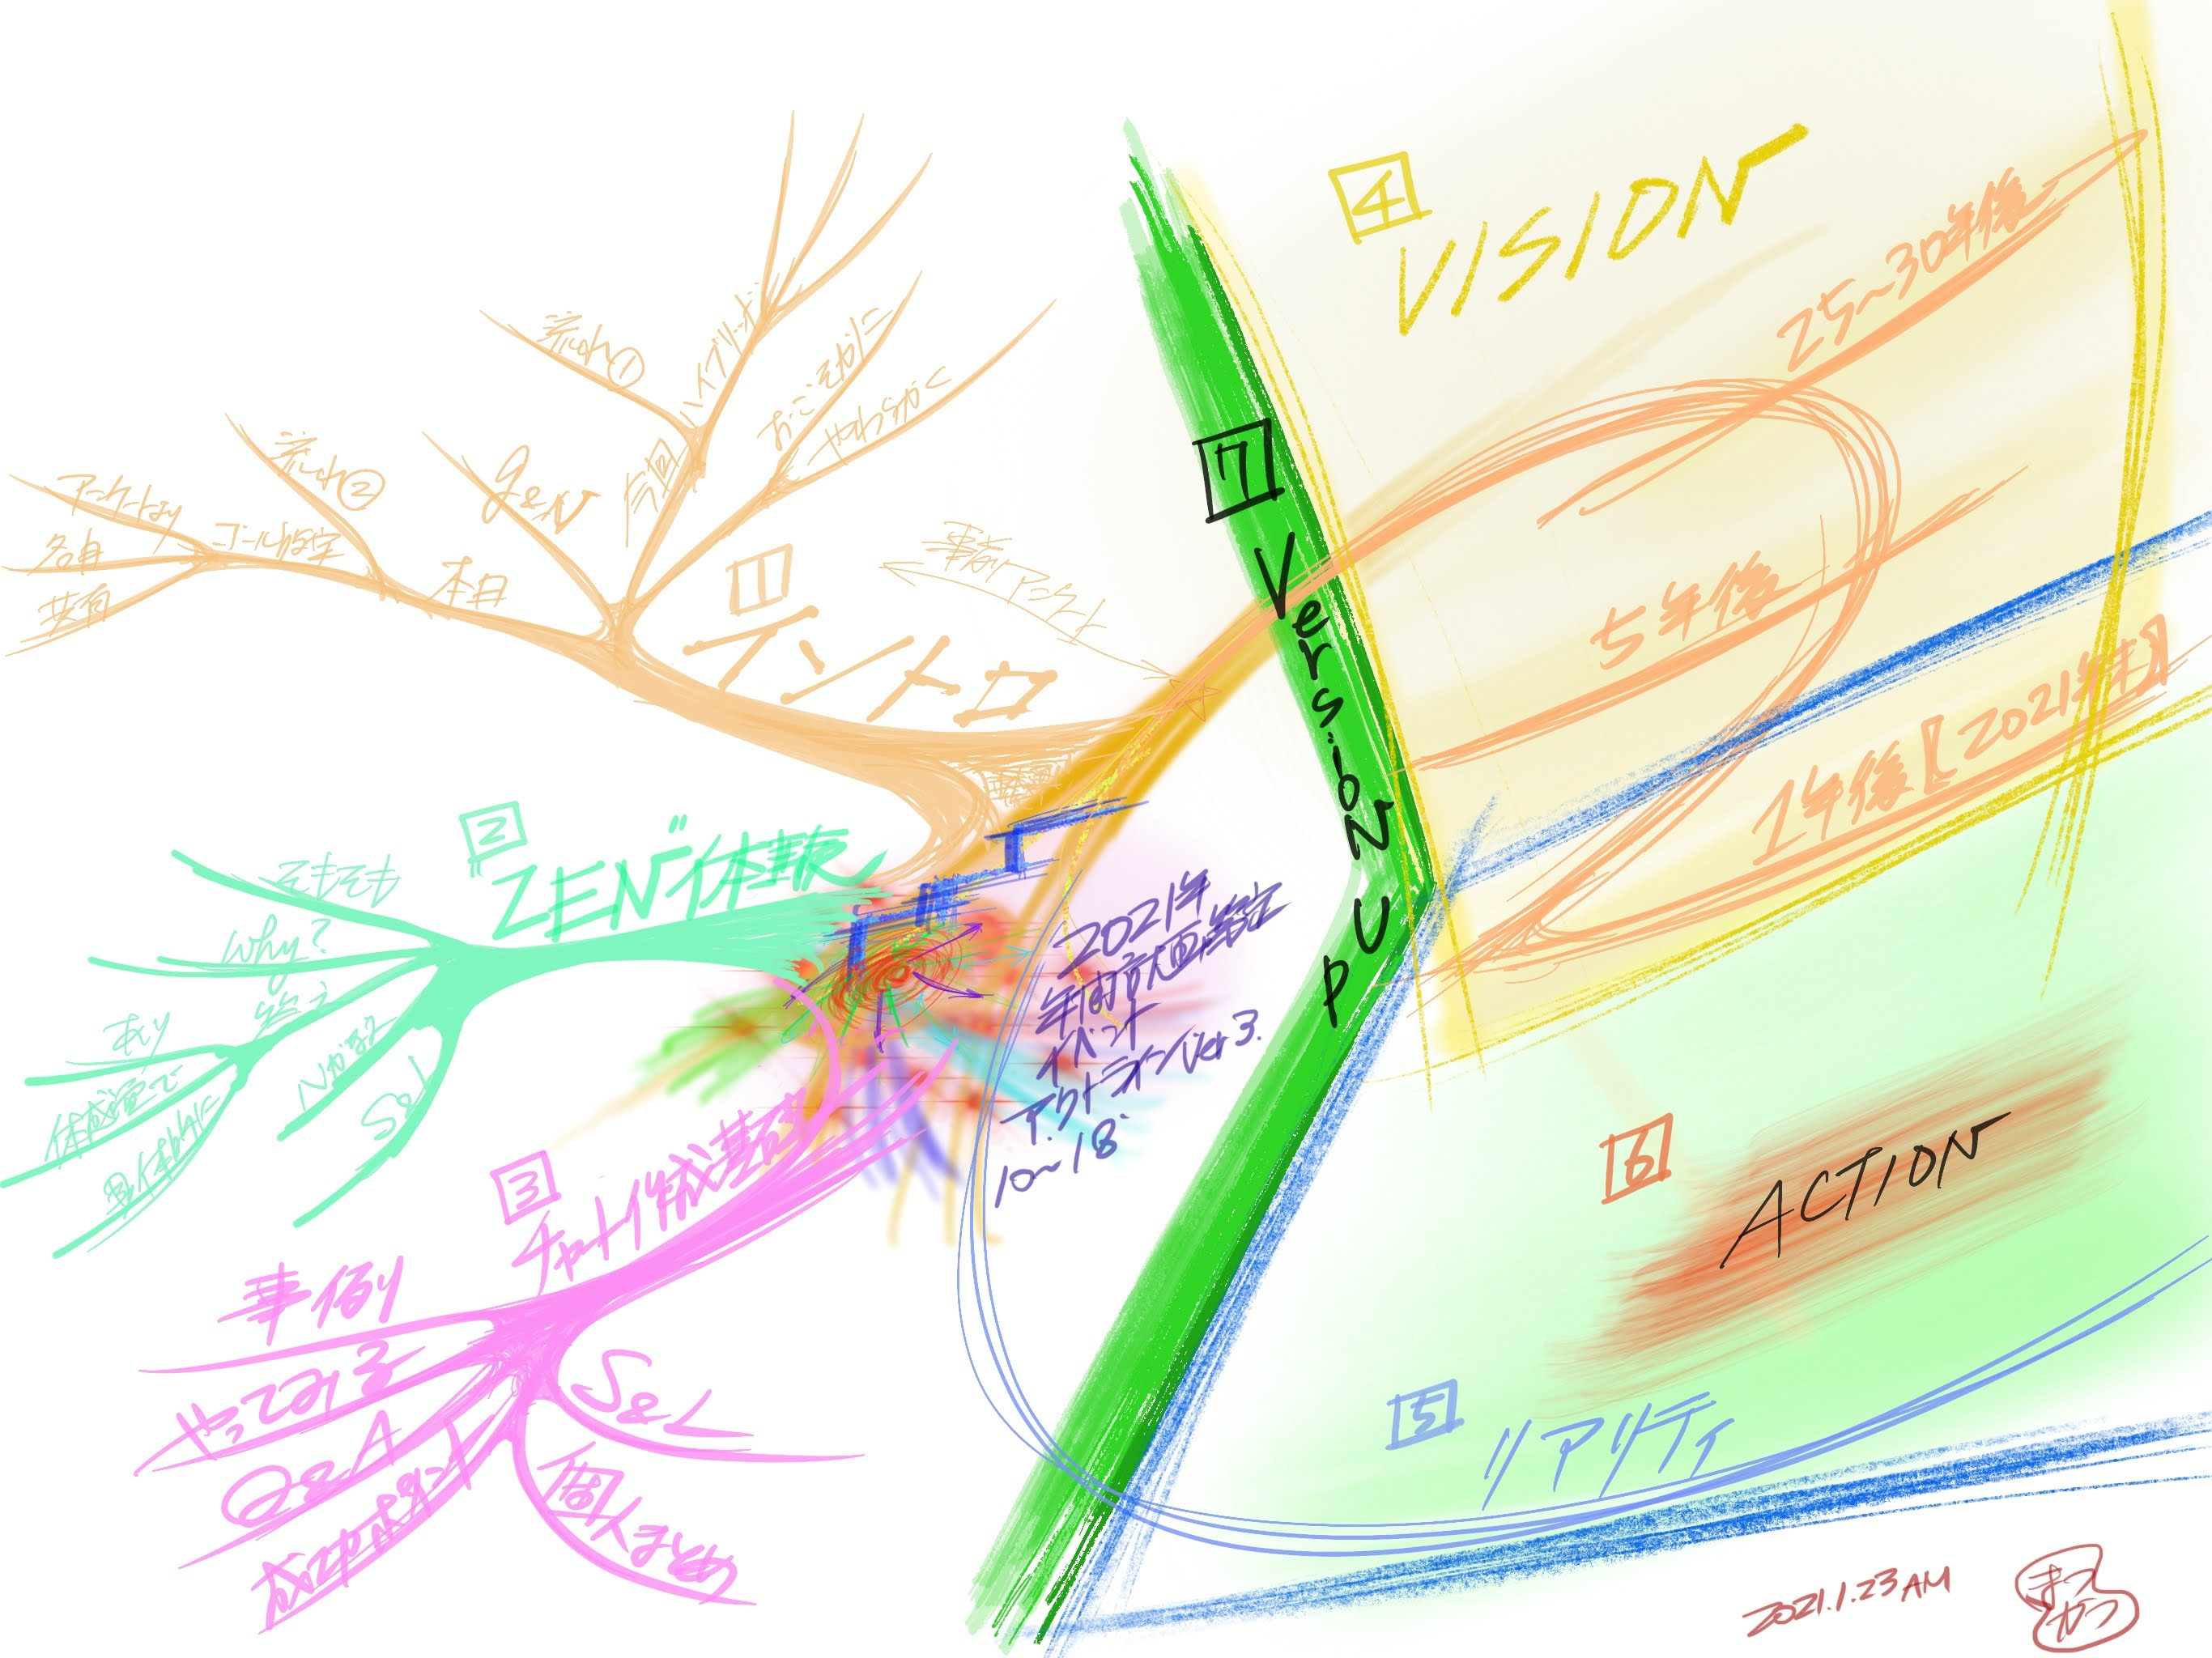 【年始VISION策定イベント2021開催報告】ビジョンマップと構造思考で「やりたいこと」と「やるべきこと」がつながるから成果が出る!